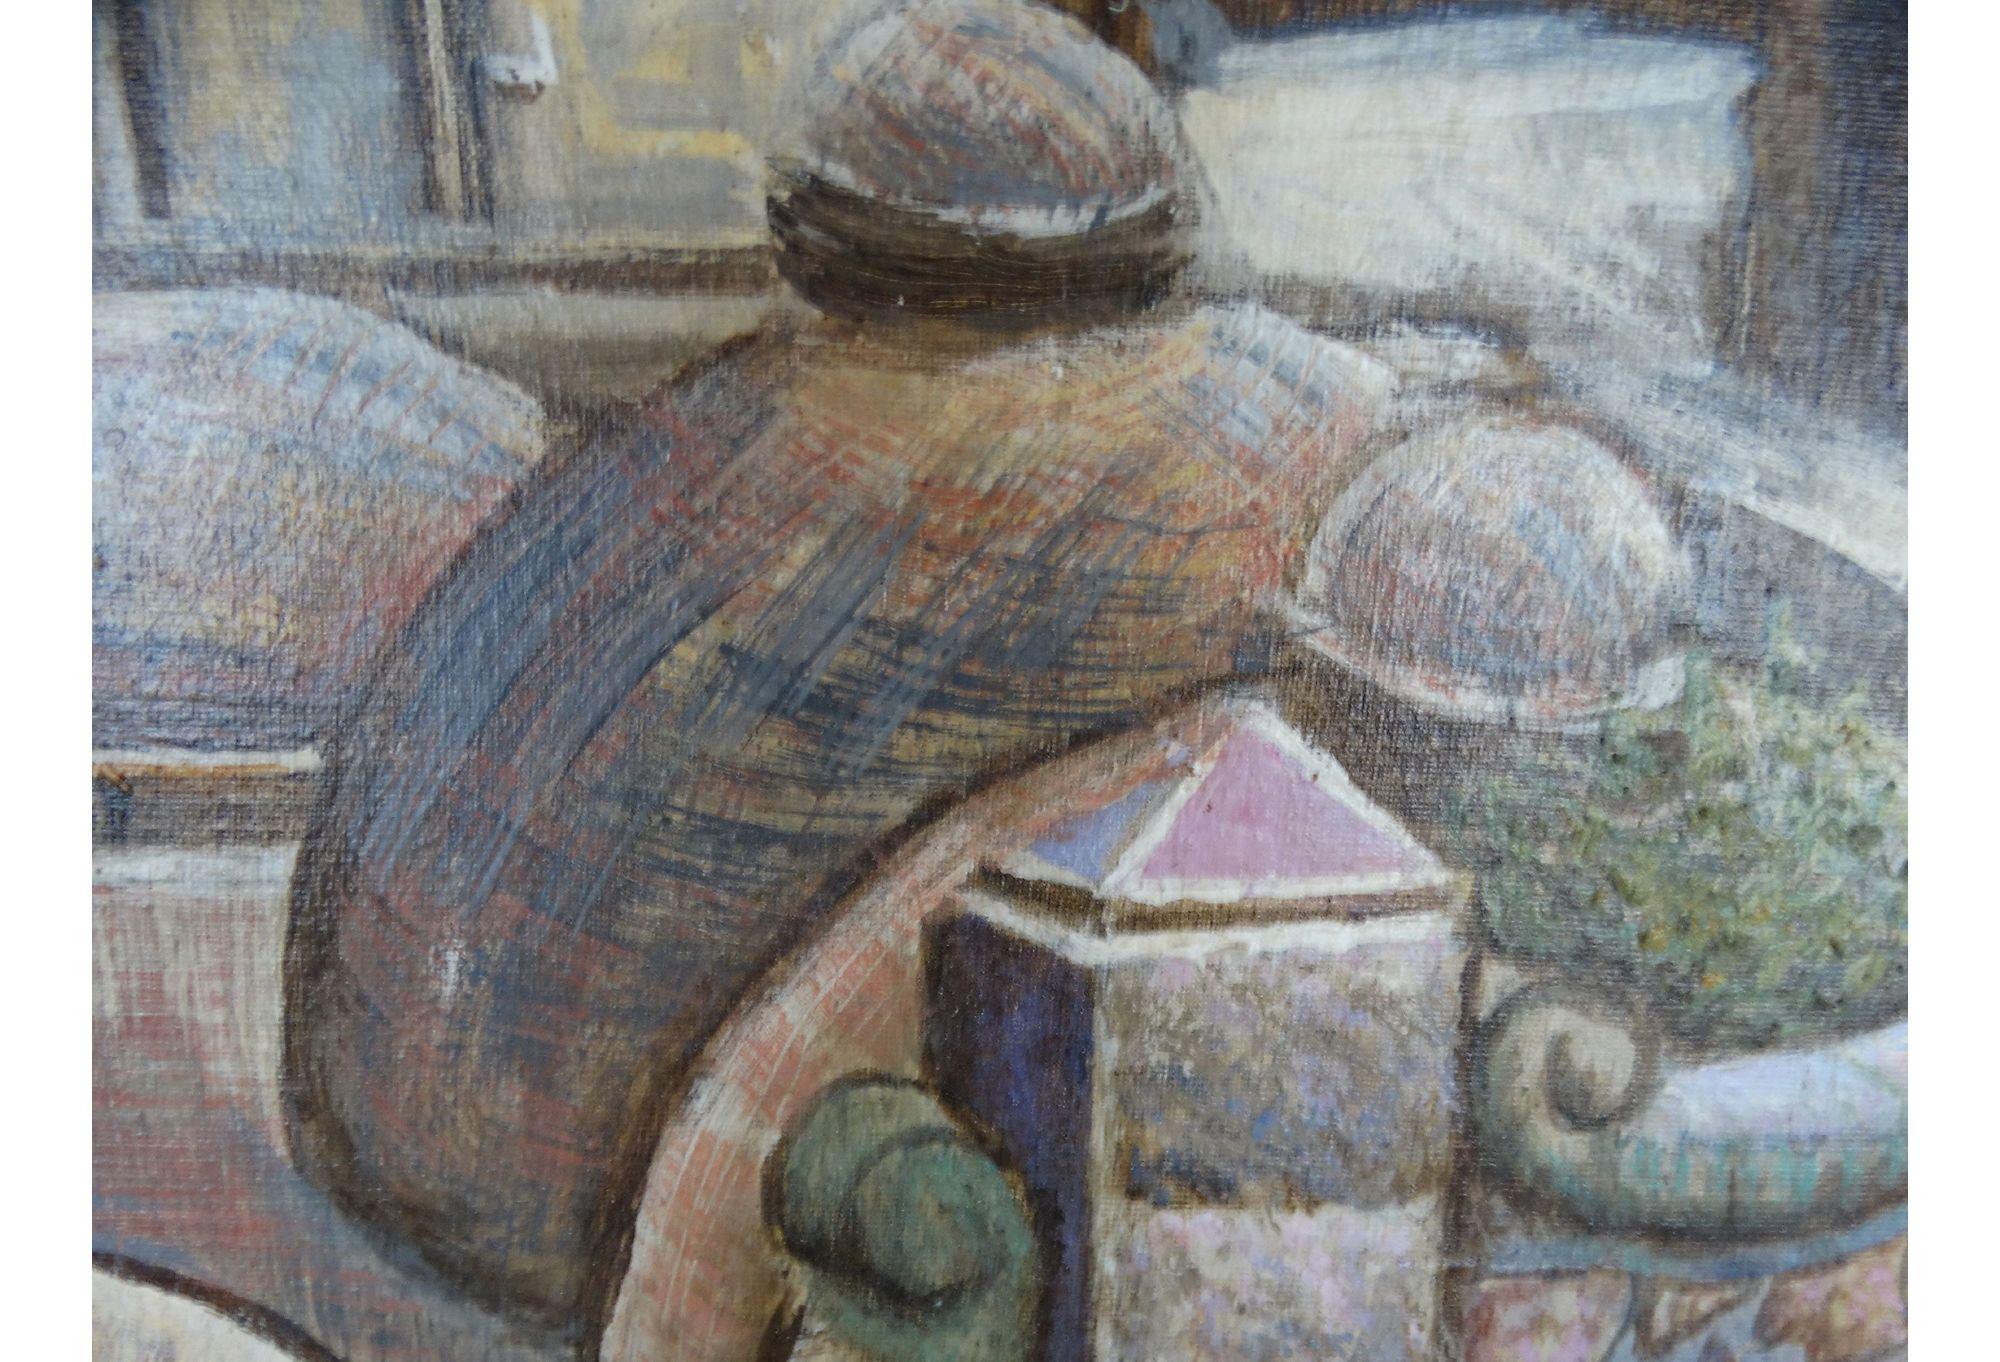 Mexico City Oil Painting By Jesus Ortiz Tajonar Modernism